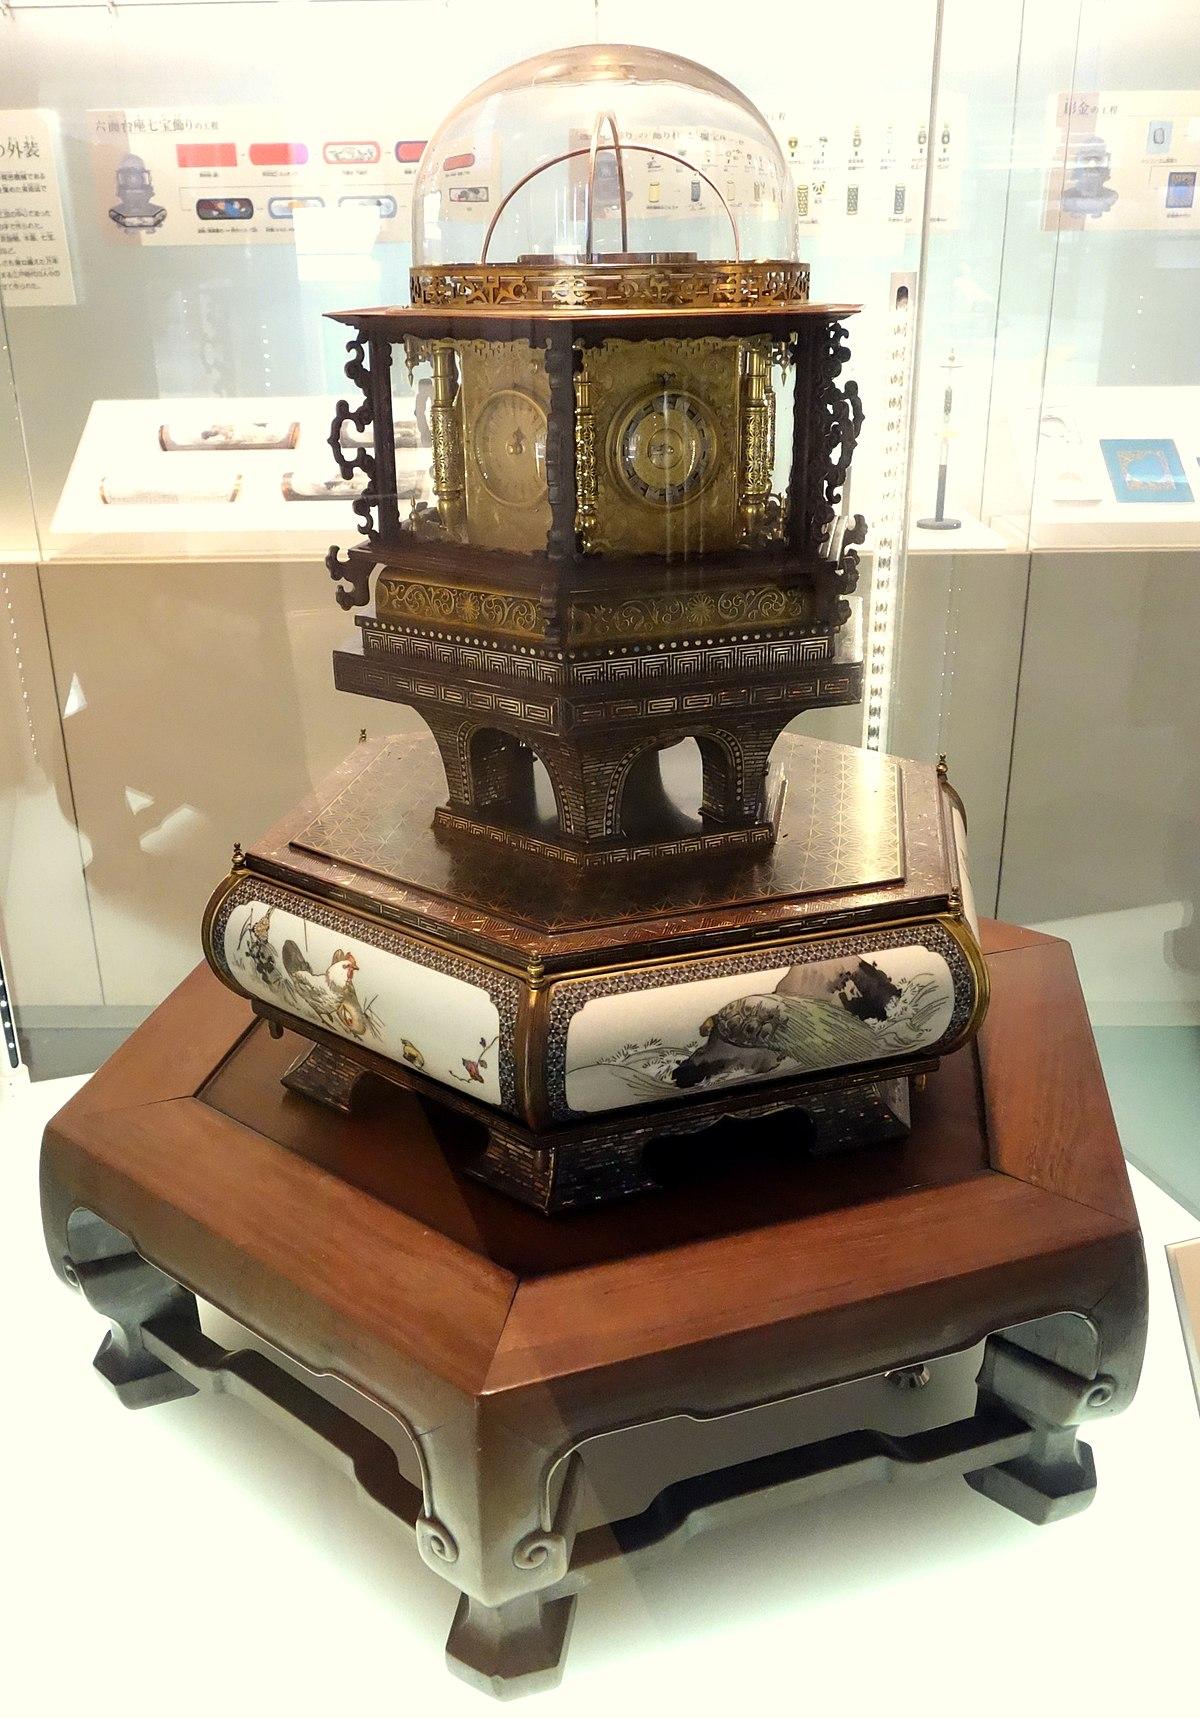 Day Year Calendar : Myriad year clock wikipedia